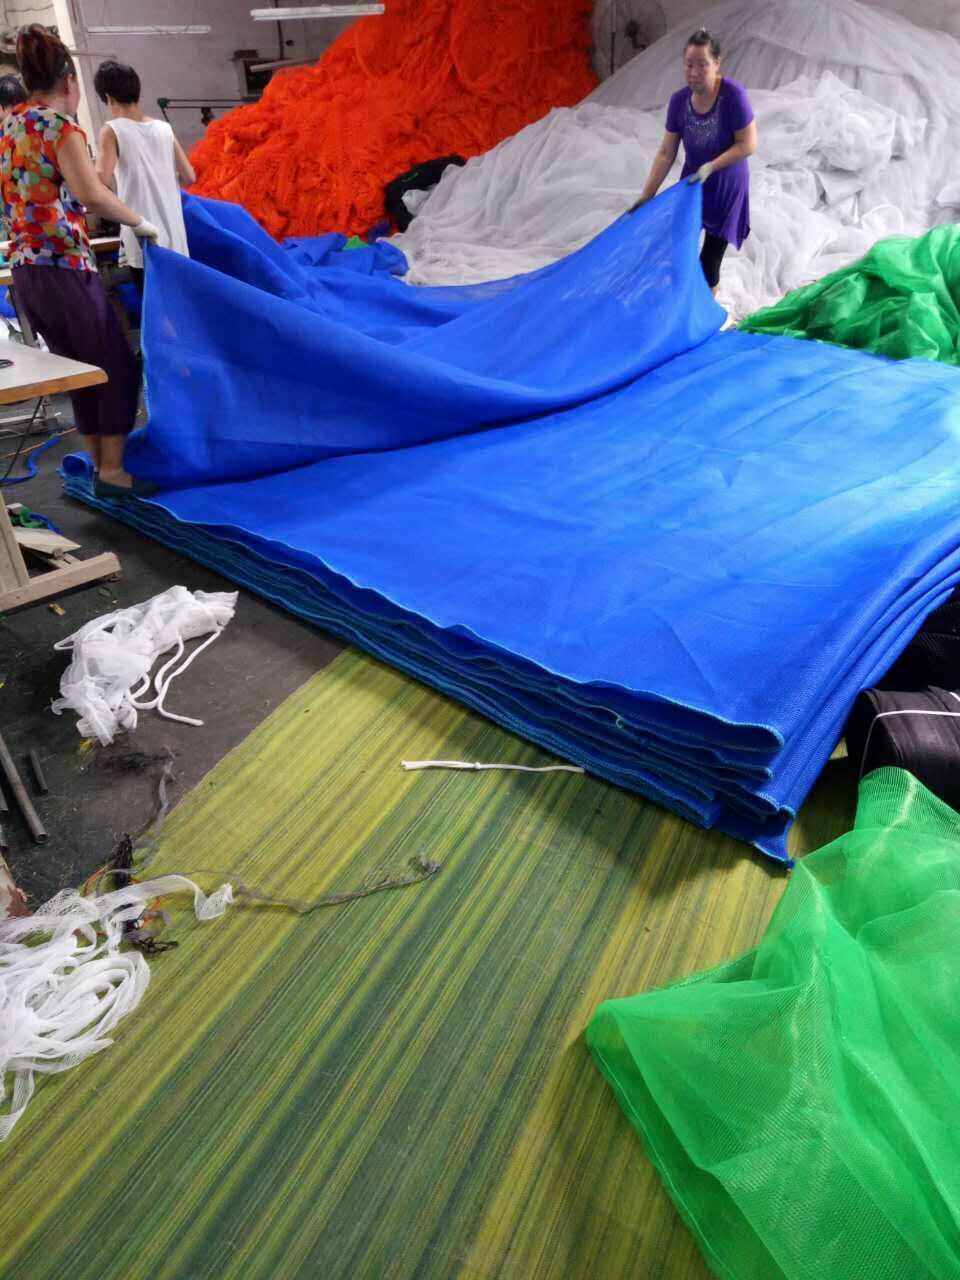 柔性防风抑尘网生产厂家,河北安平柔性防风抑尘网实体厂家,没有中间商赚差价,厂家直销示例图16